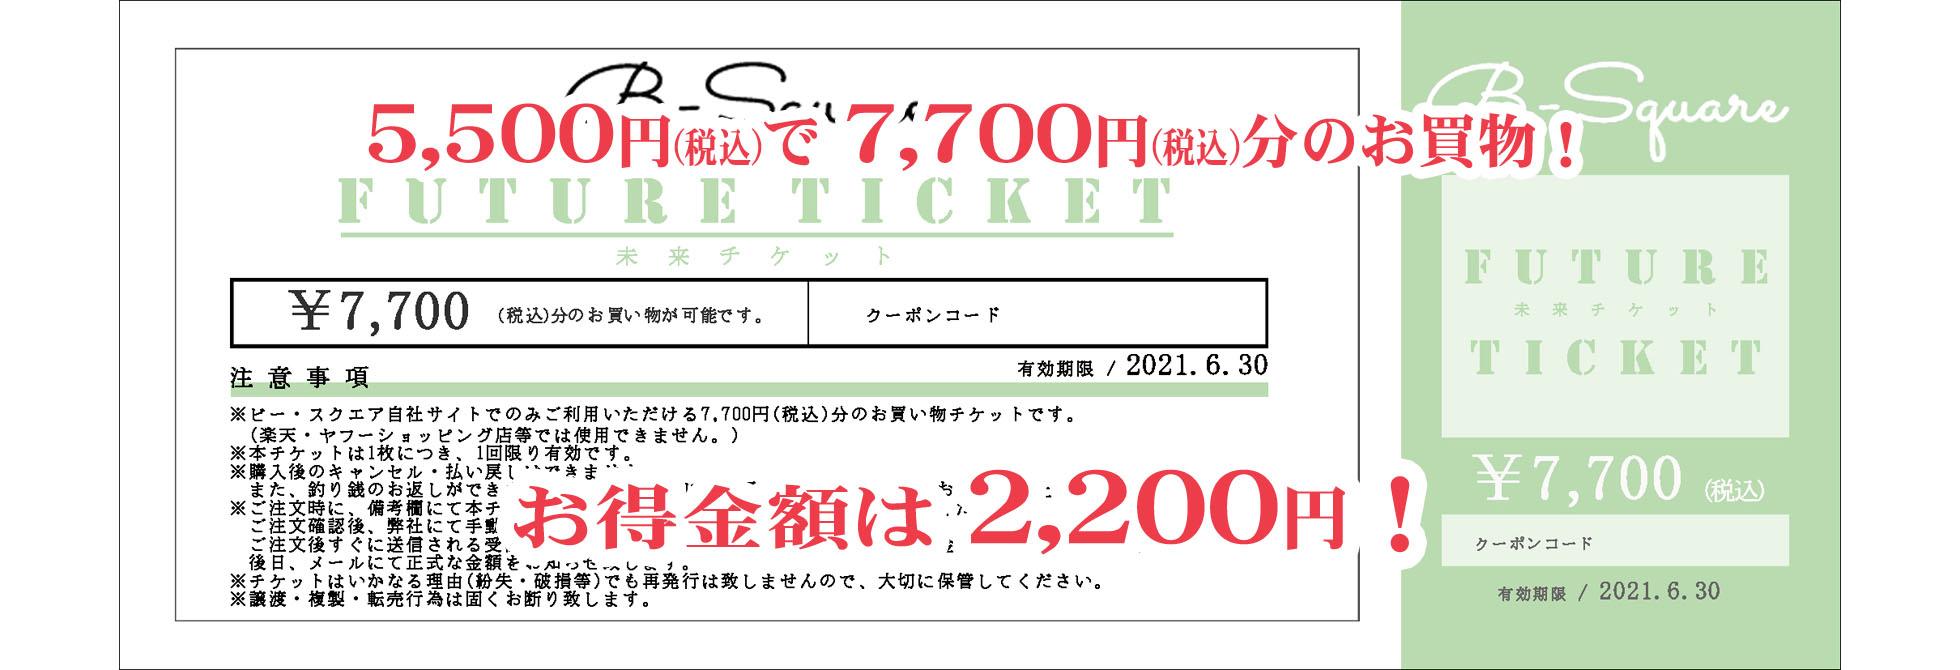 未来チケット5500円で7700円